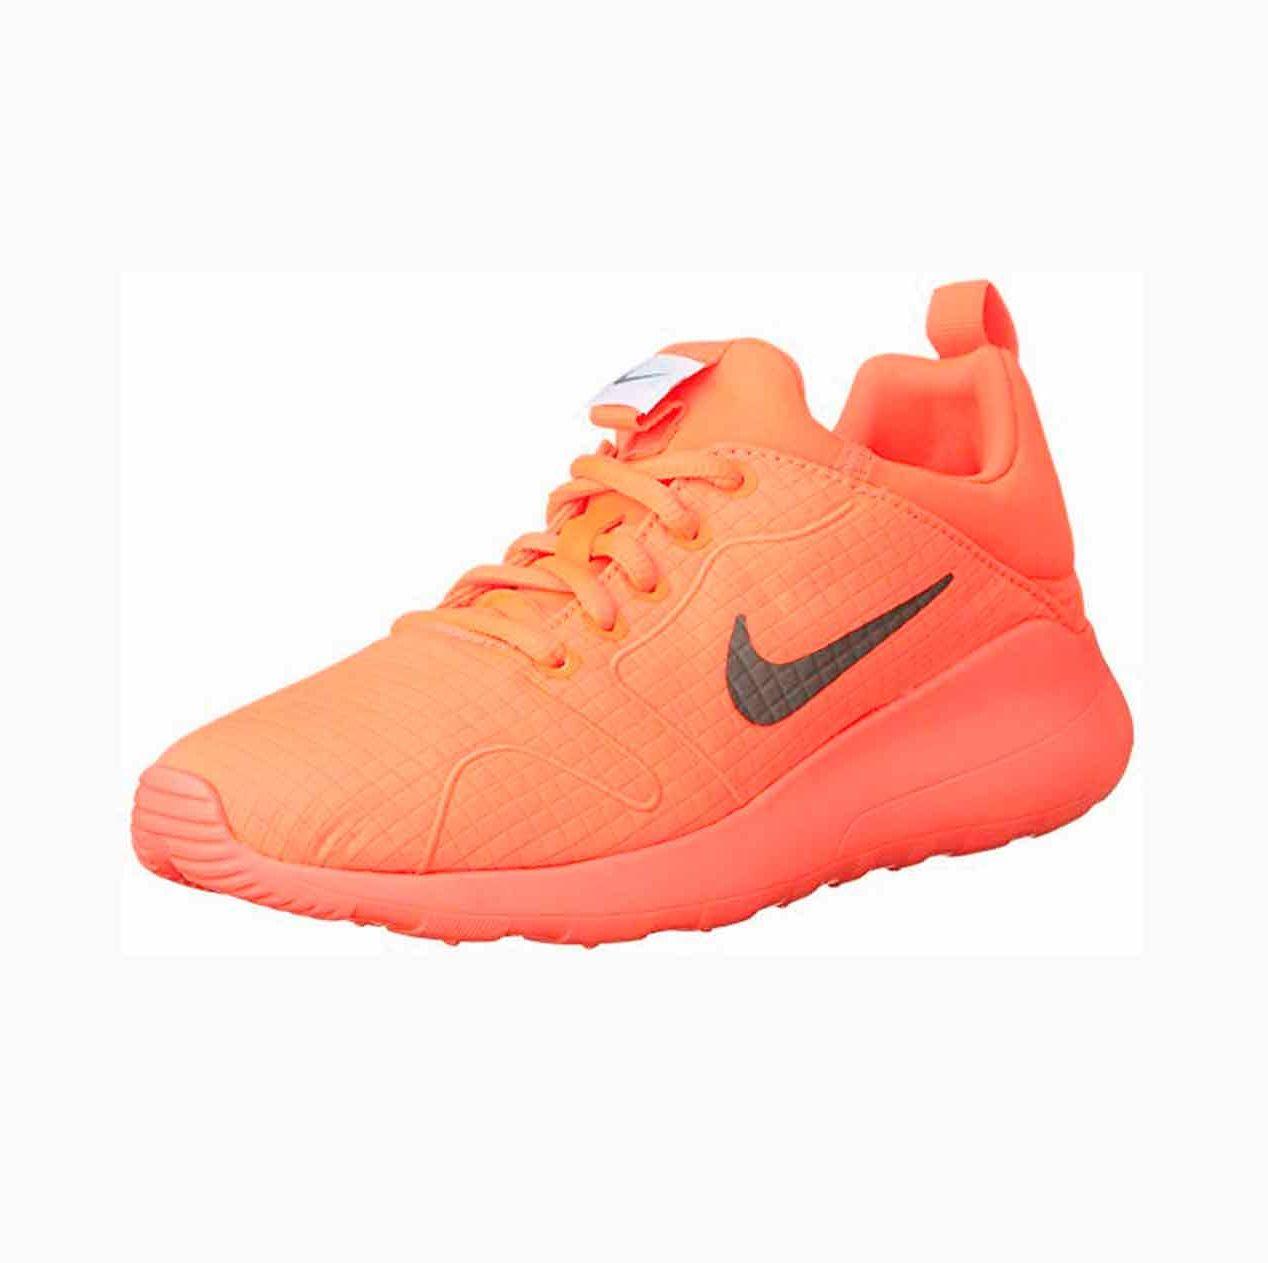 Moda: El naranja, el color de moda de la temporada